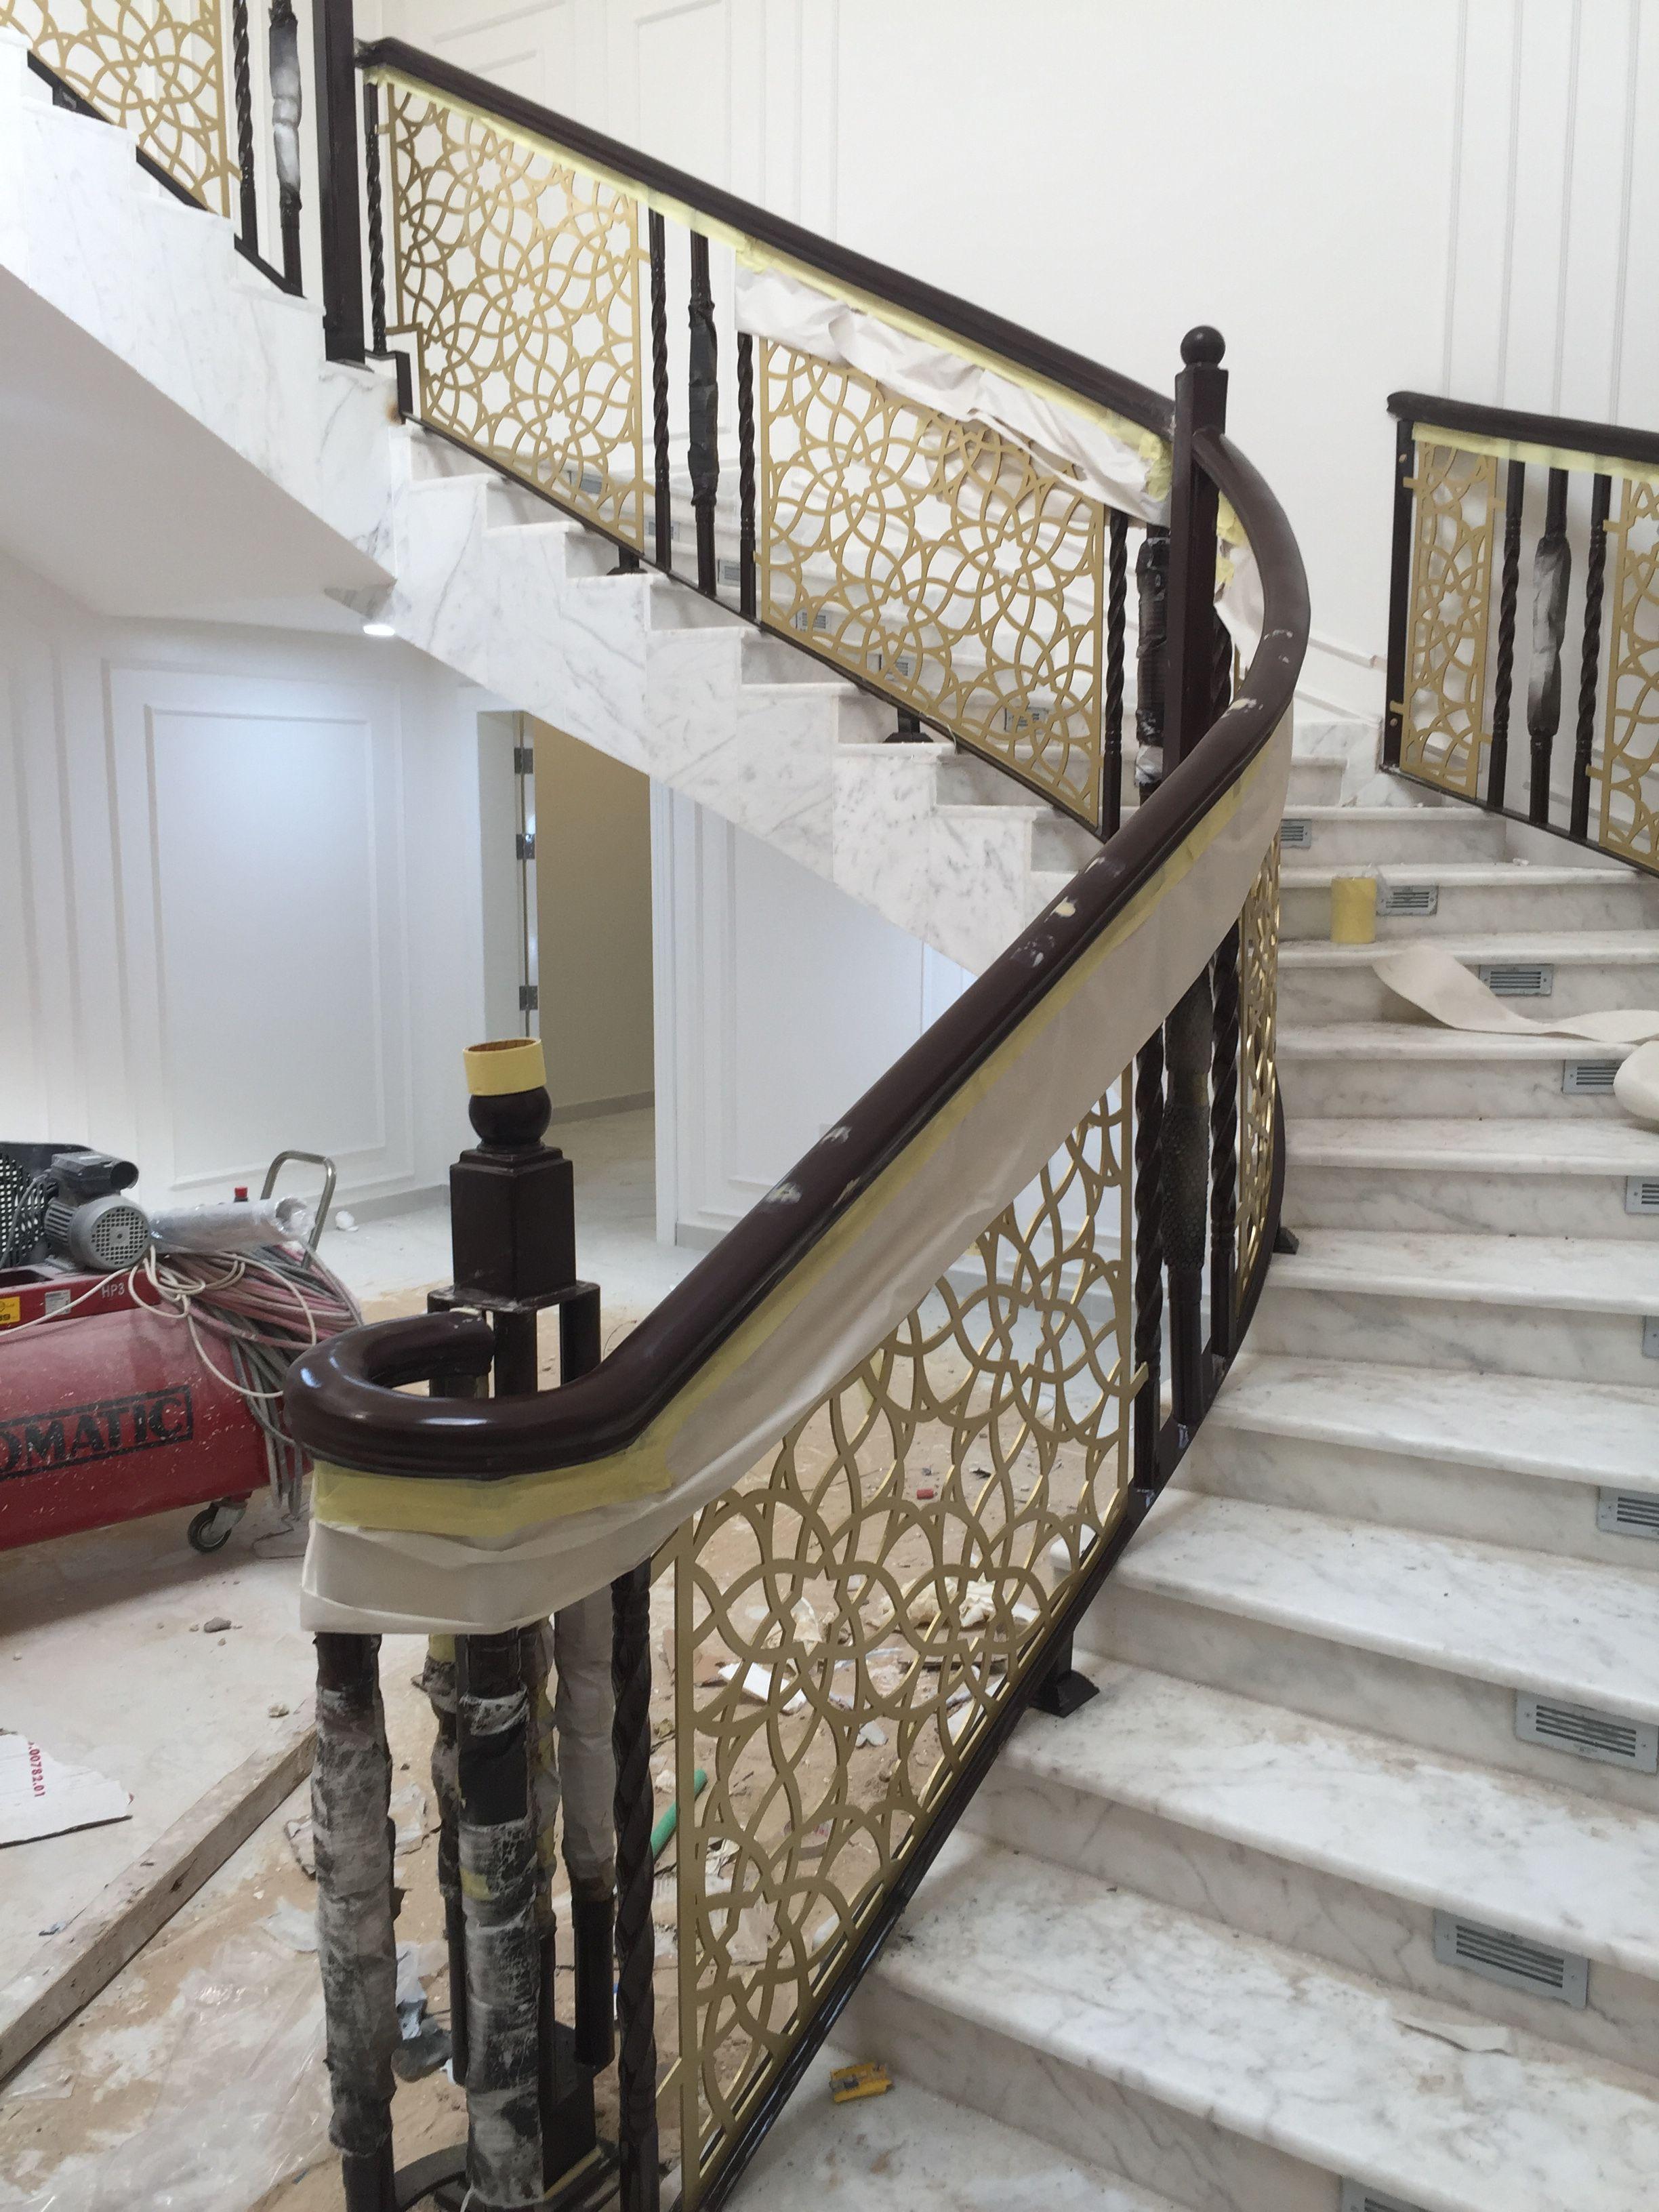 Pin By ابواب درج حديد القصور الذهبية On درج داخلي Staircase Railing Design Stair Railing Design Railing Design